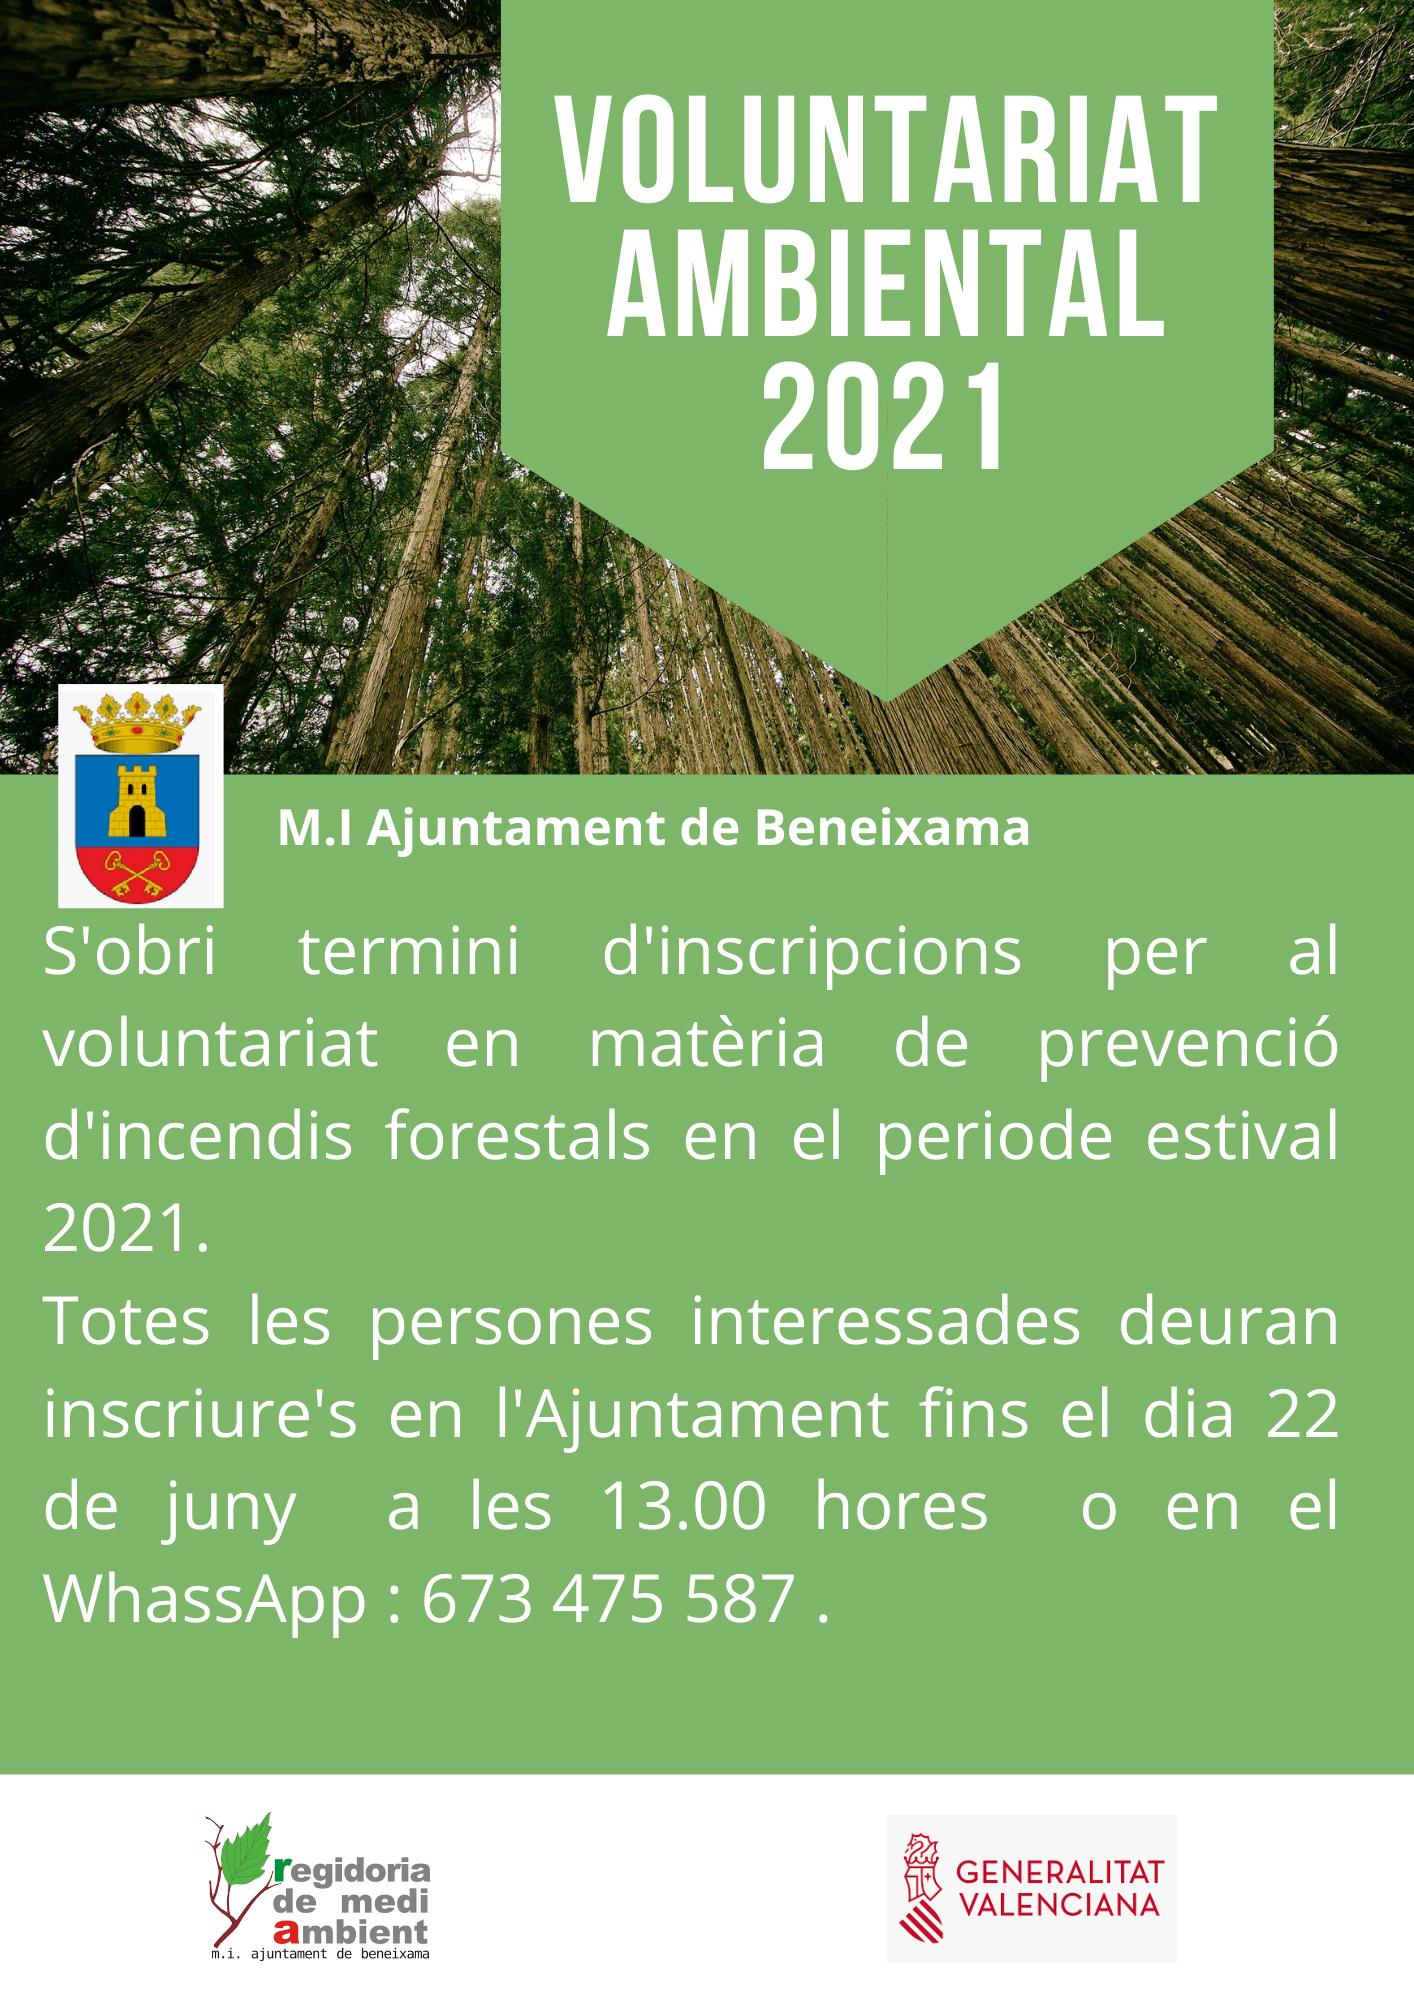 Voluntariat ambiental 2021.